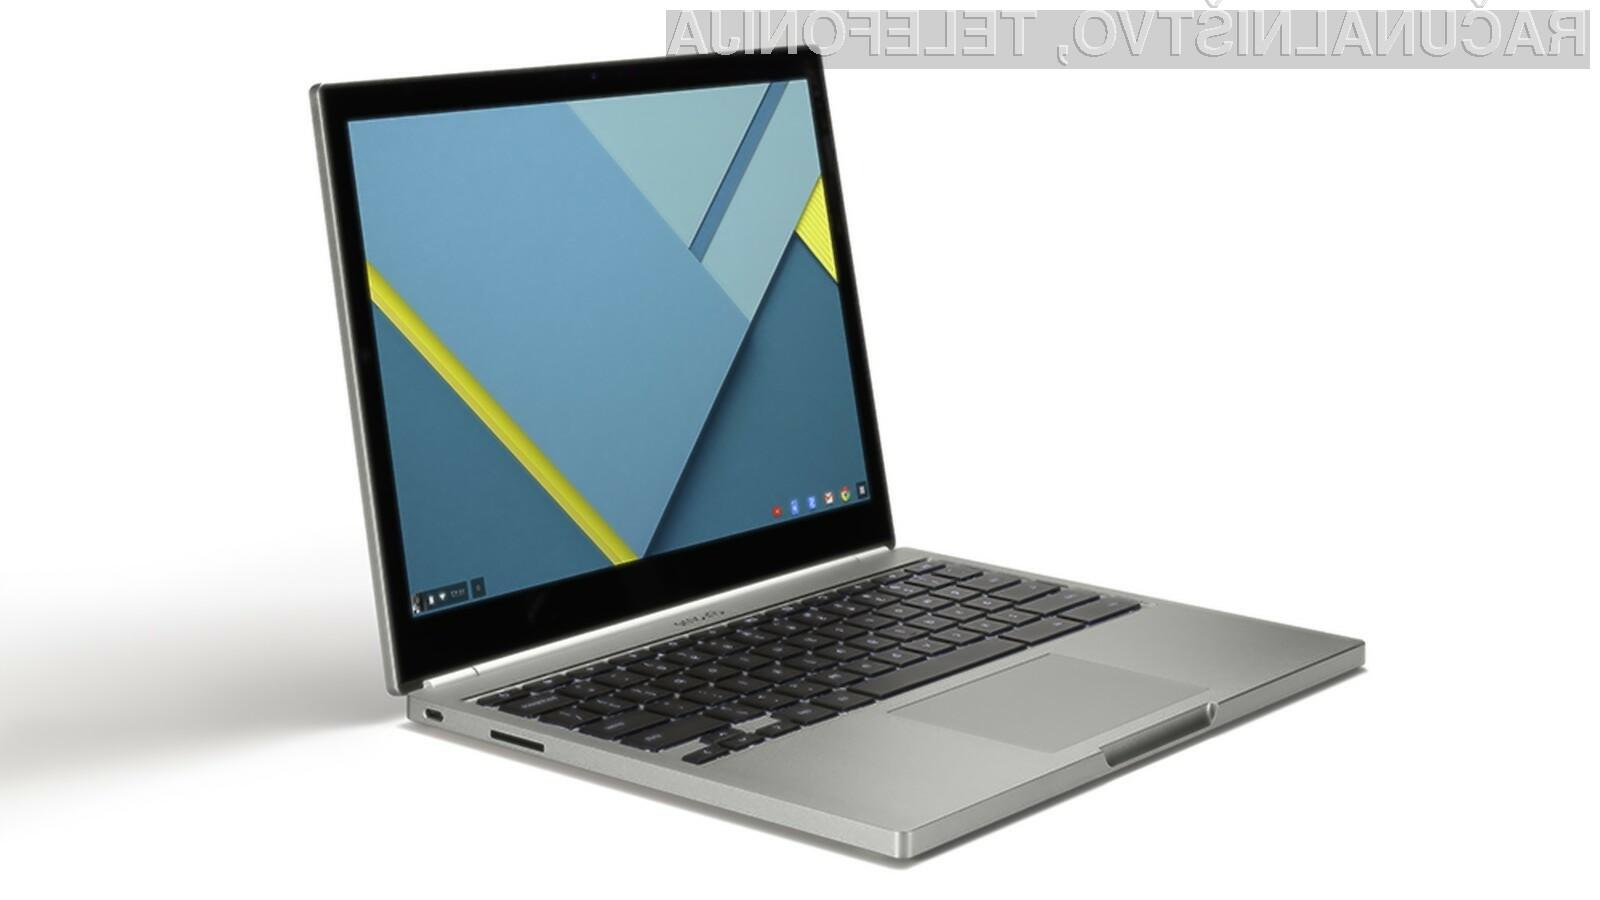 Operacijski sistem Chrome OS z možnostjo poganjanja aplikacij Android je po mnenju mnogih celo boljši od Windowsa 10!